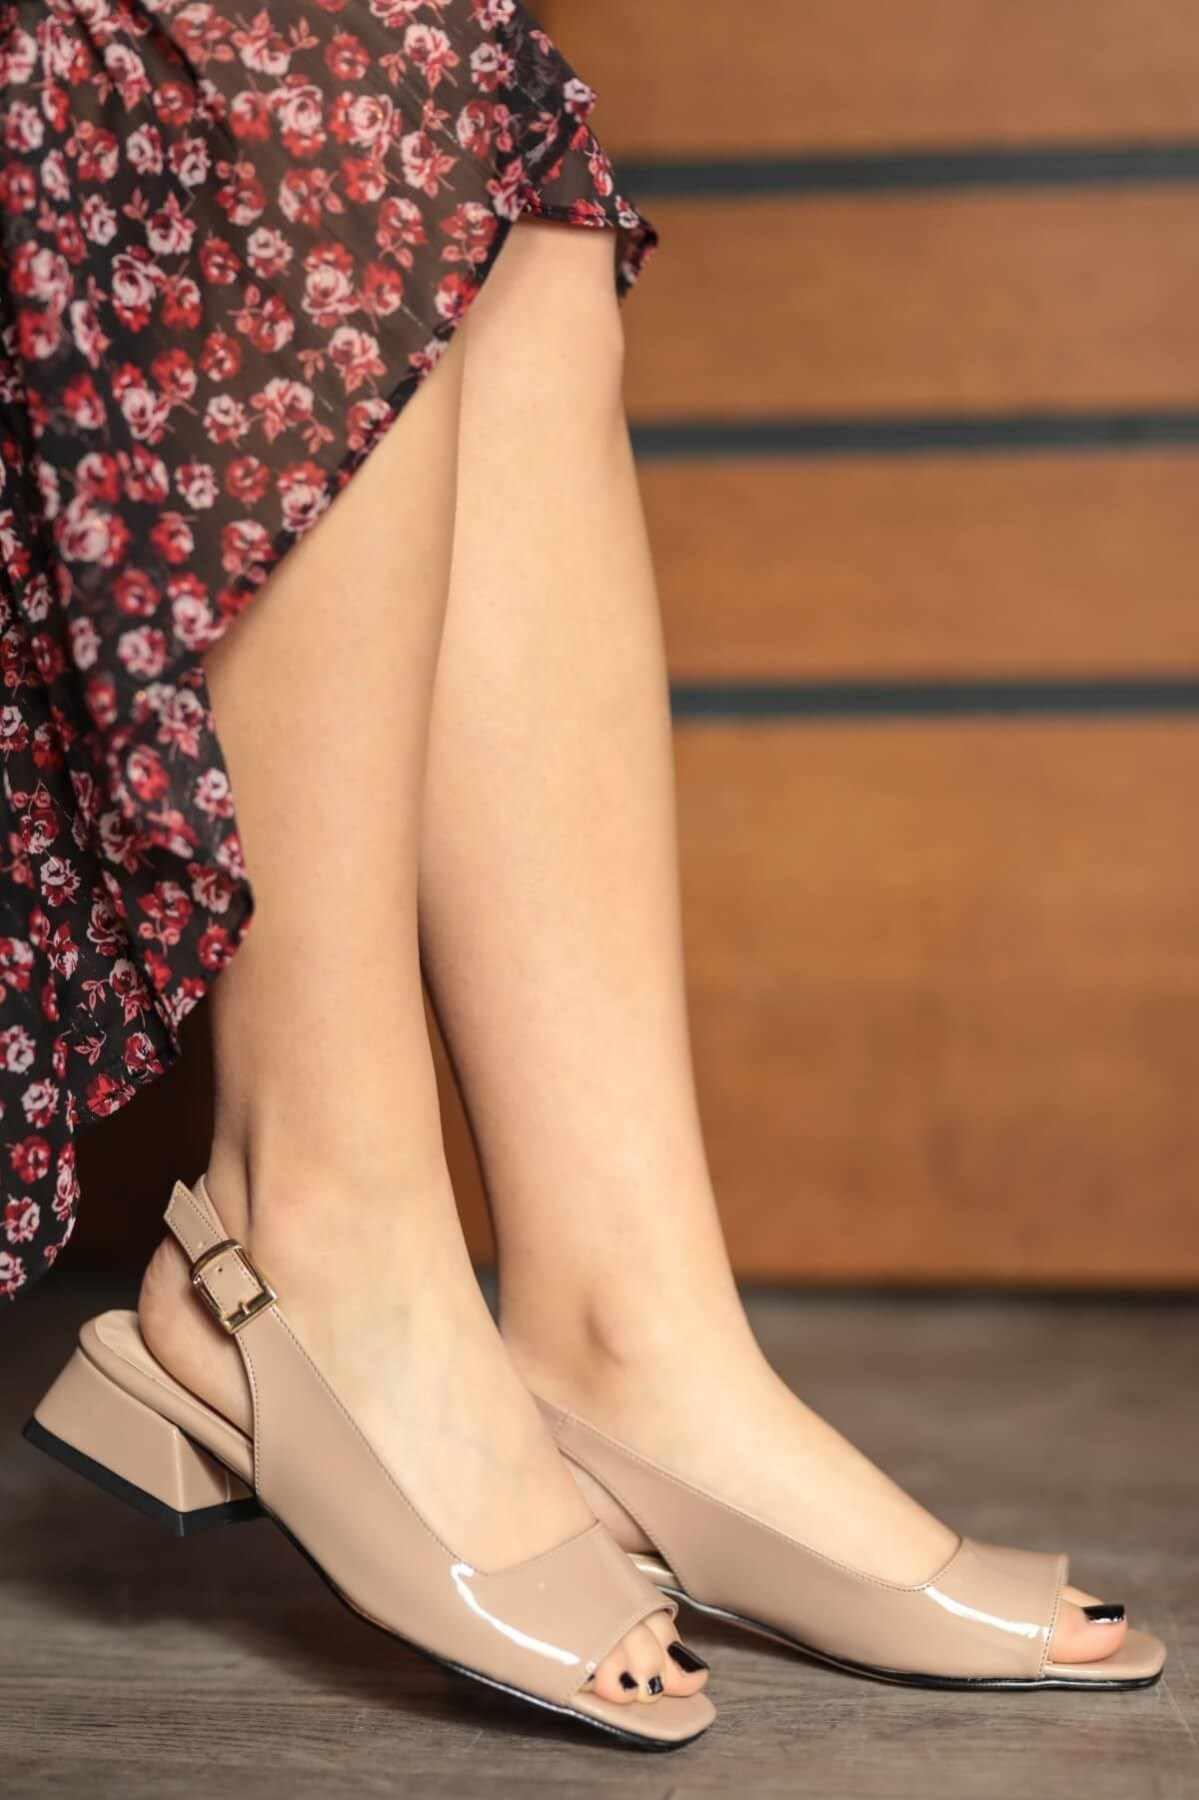 Suzanne Chồn Đen Trắng Đỏ Bằng Sáng Chế Da Ngắn Gót Công Sở Nữ Nữ Chất Lượng Tốt Nhất Mùa Hè Mùa Xuân Giày Sandal Nữ